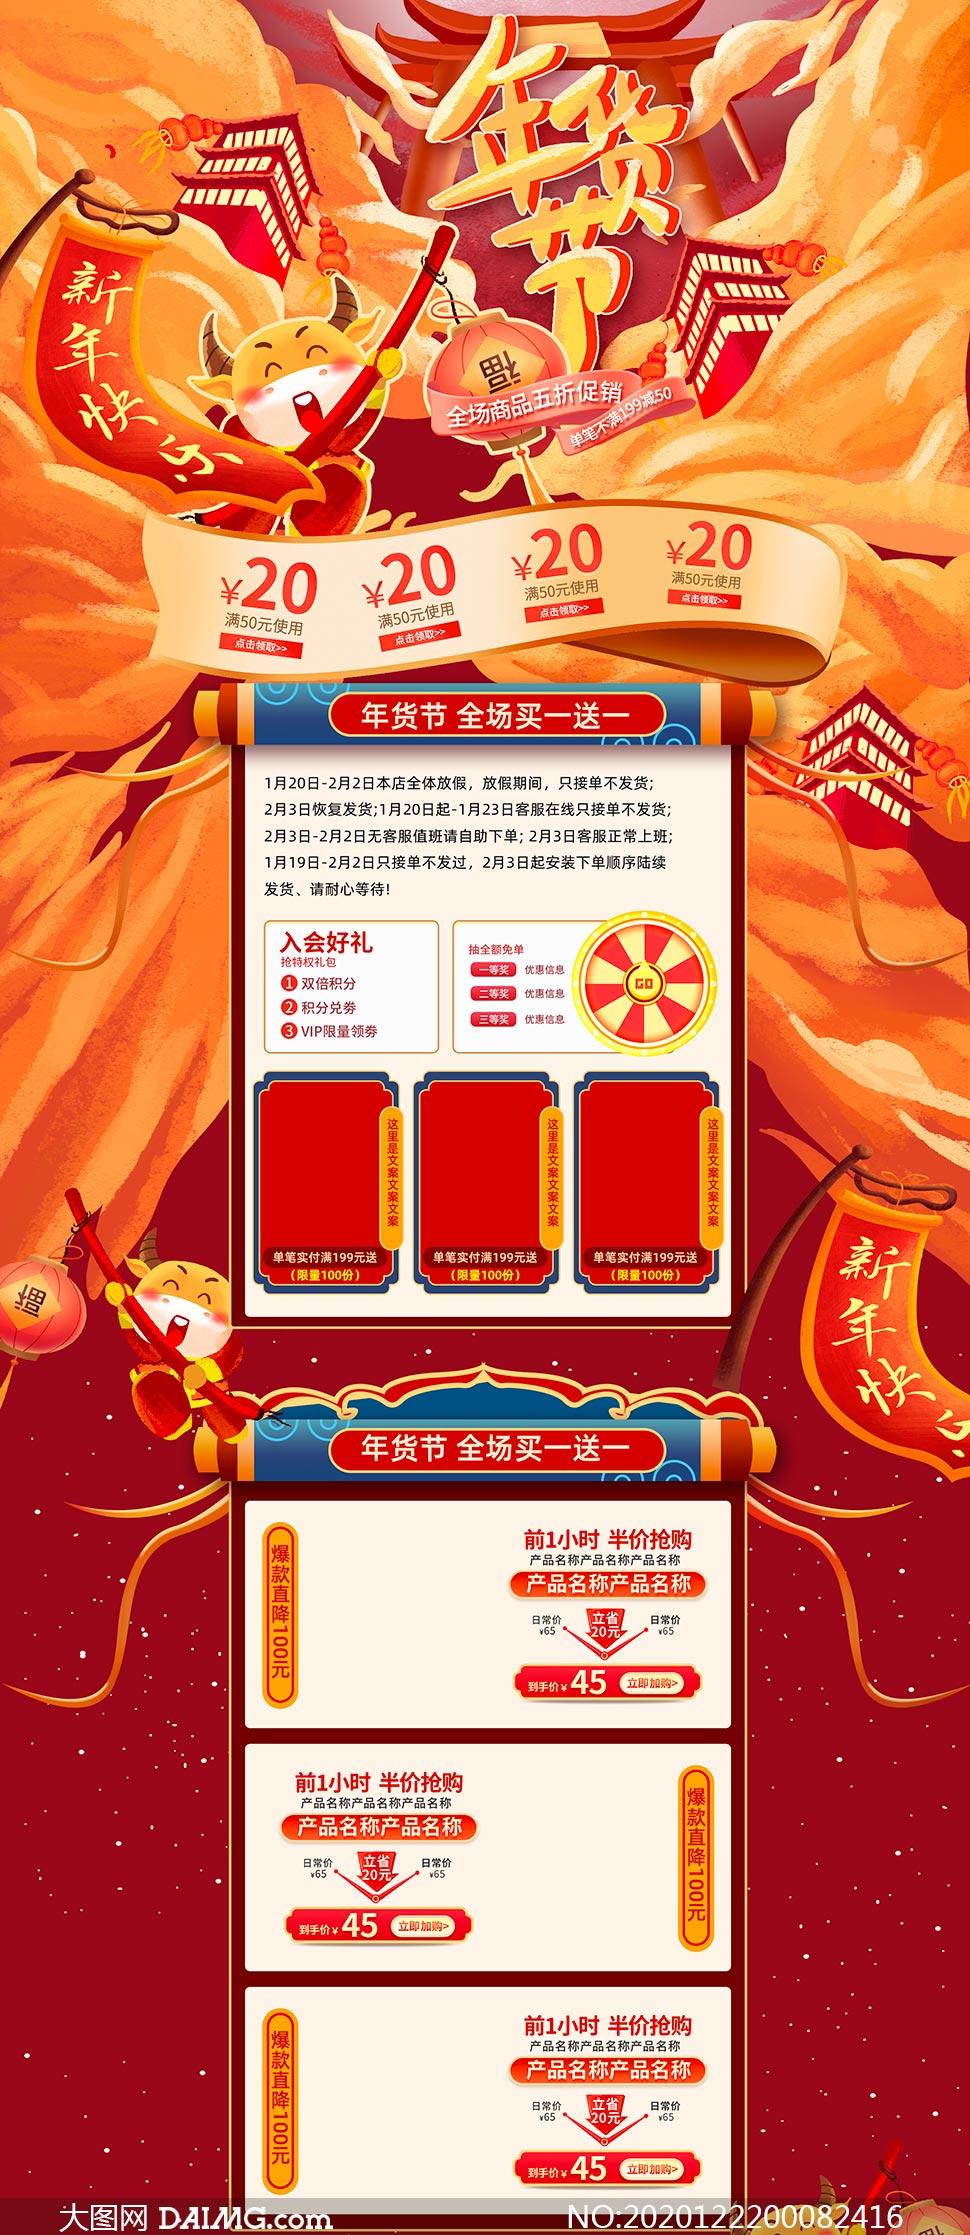 天猫年货节红色首页设计模板PSD模板